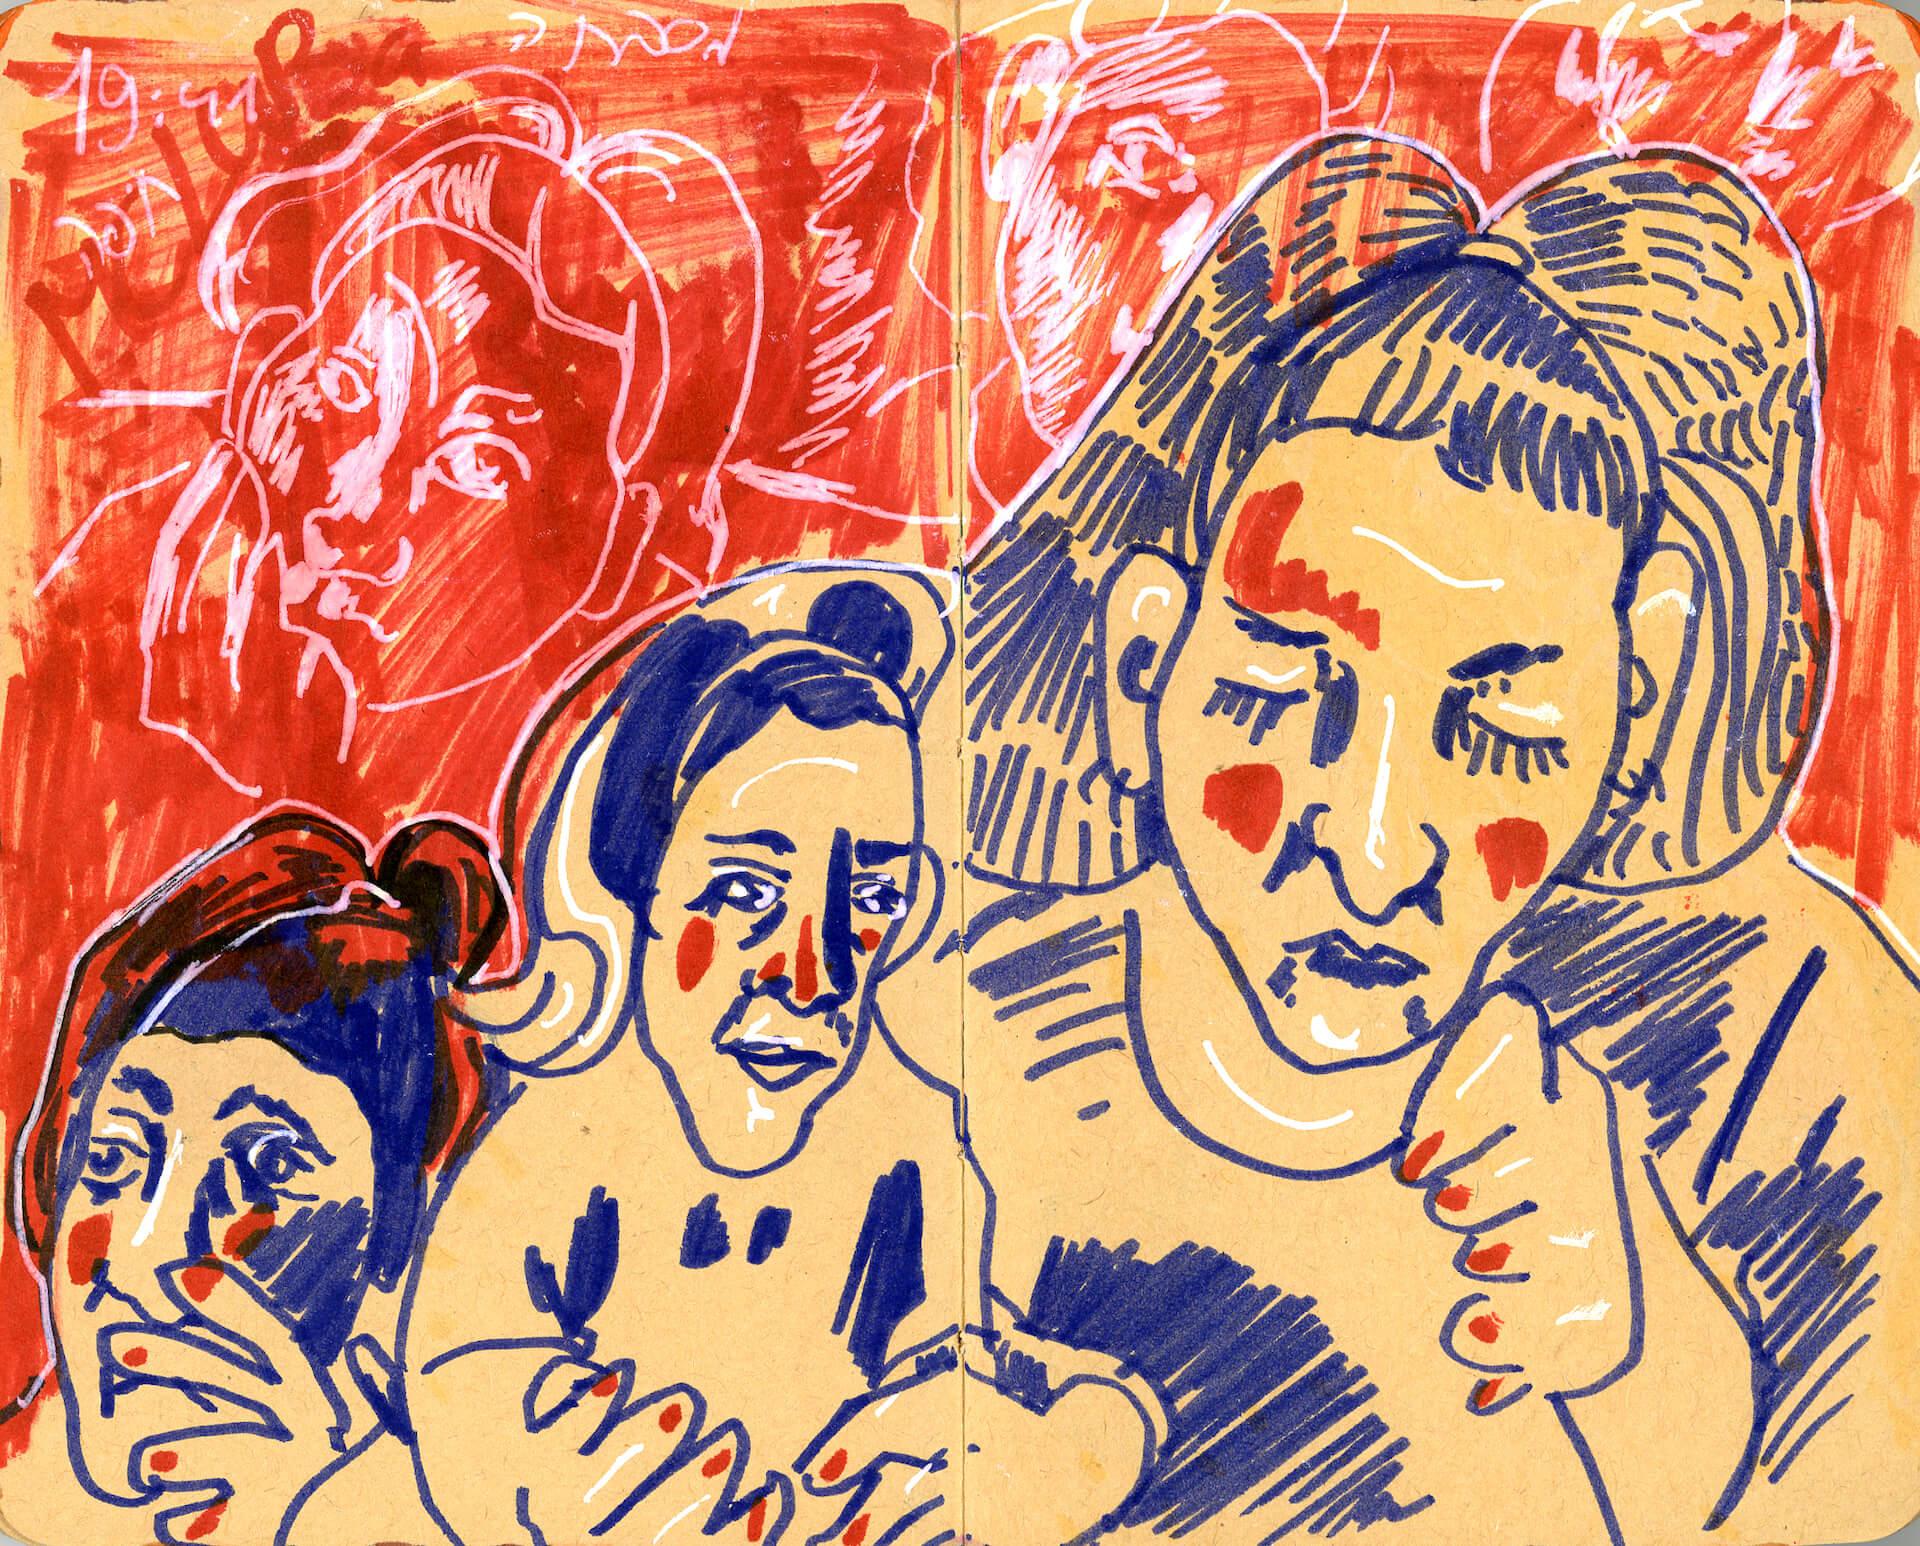 מתוך הסקצ׳בוק של איריס גיטיק